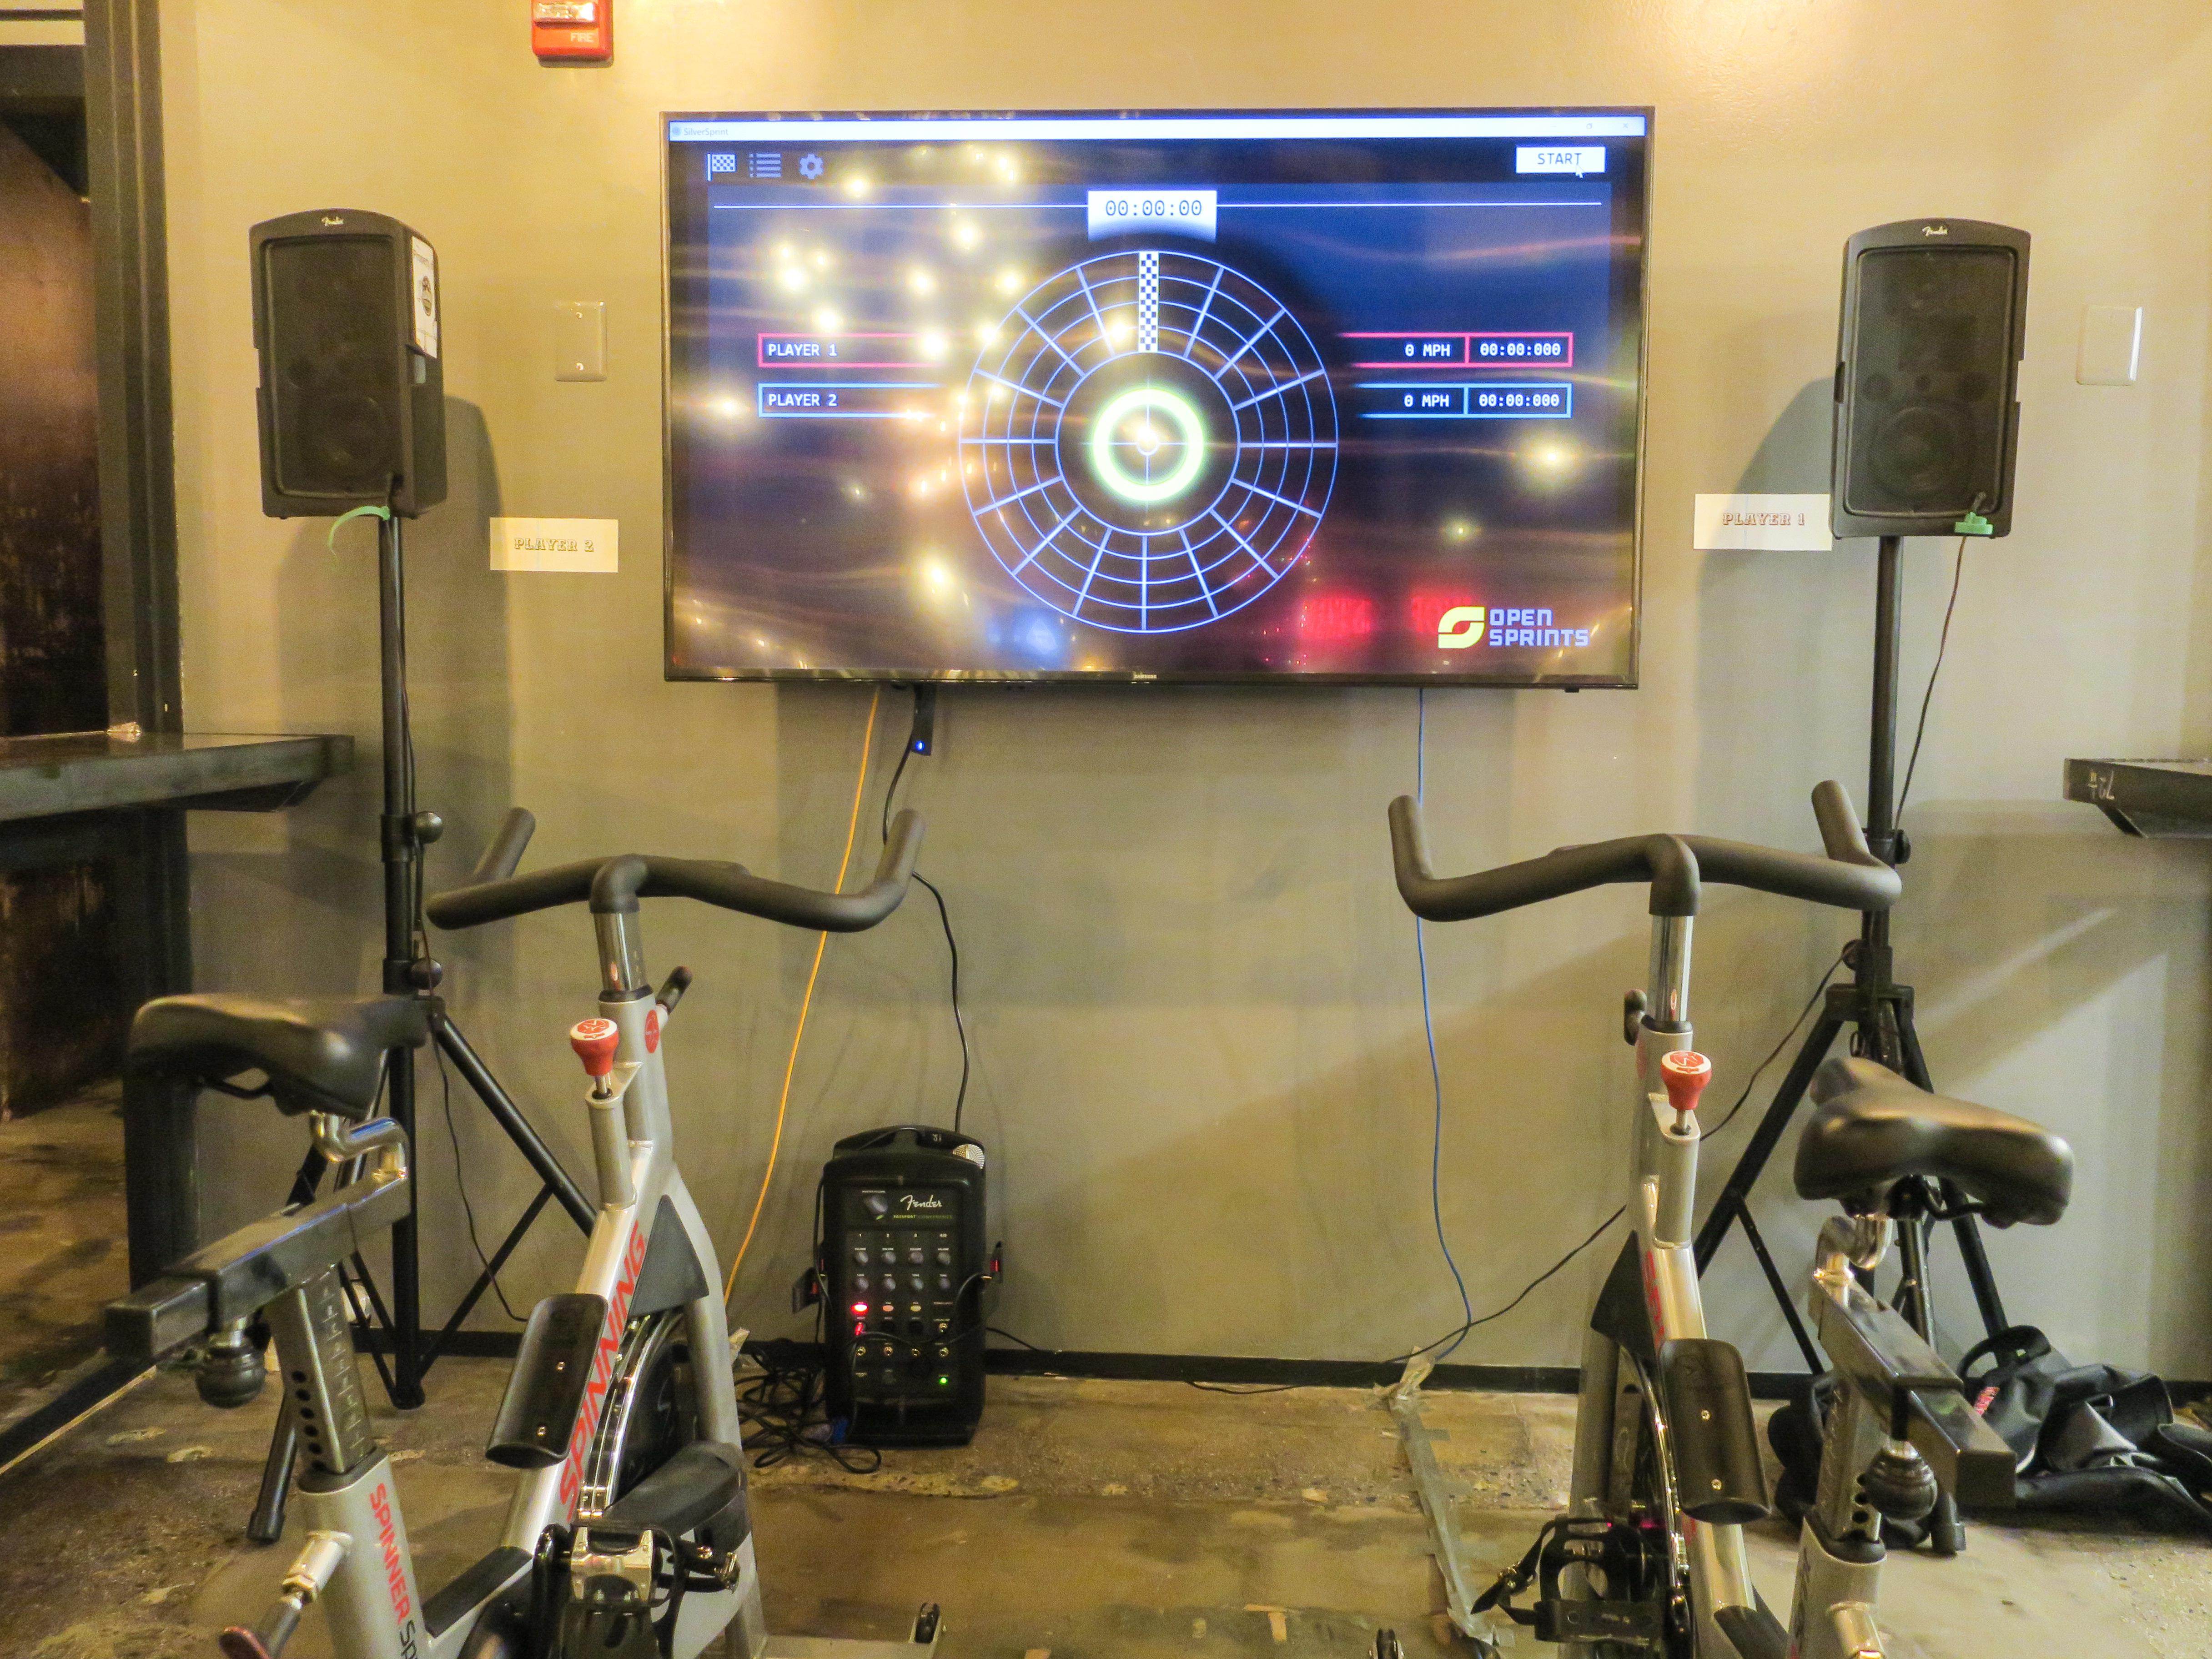 Le cyclisme virtuel (crédits: Joe Flood / Flickr Creative Commons Attribution - Pas d'Utilisation Commerciale - Pas de Modification 2.0 Générique (CC BY-NC-ND 2.0))